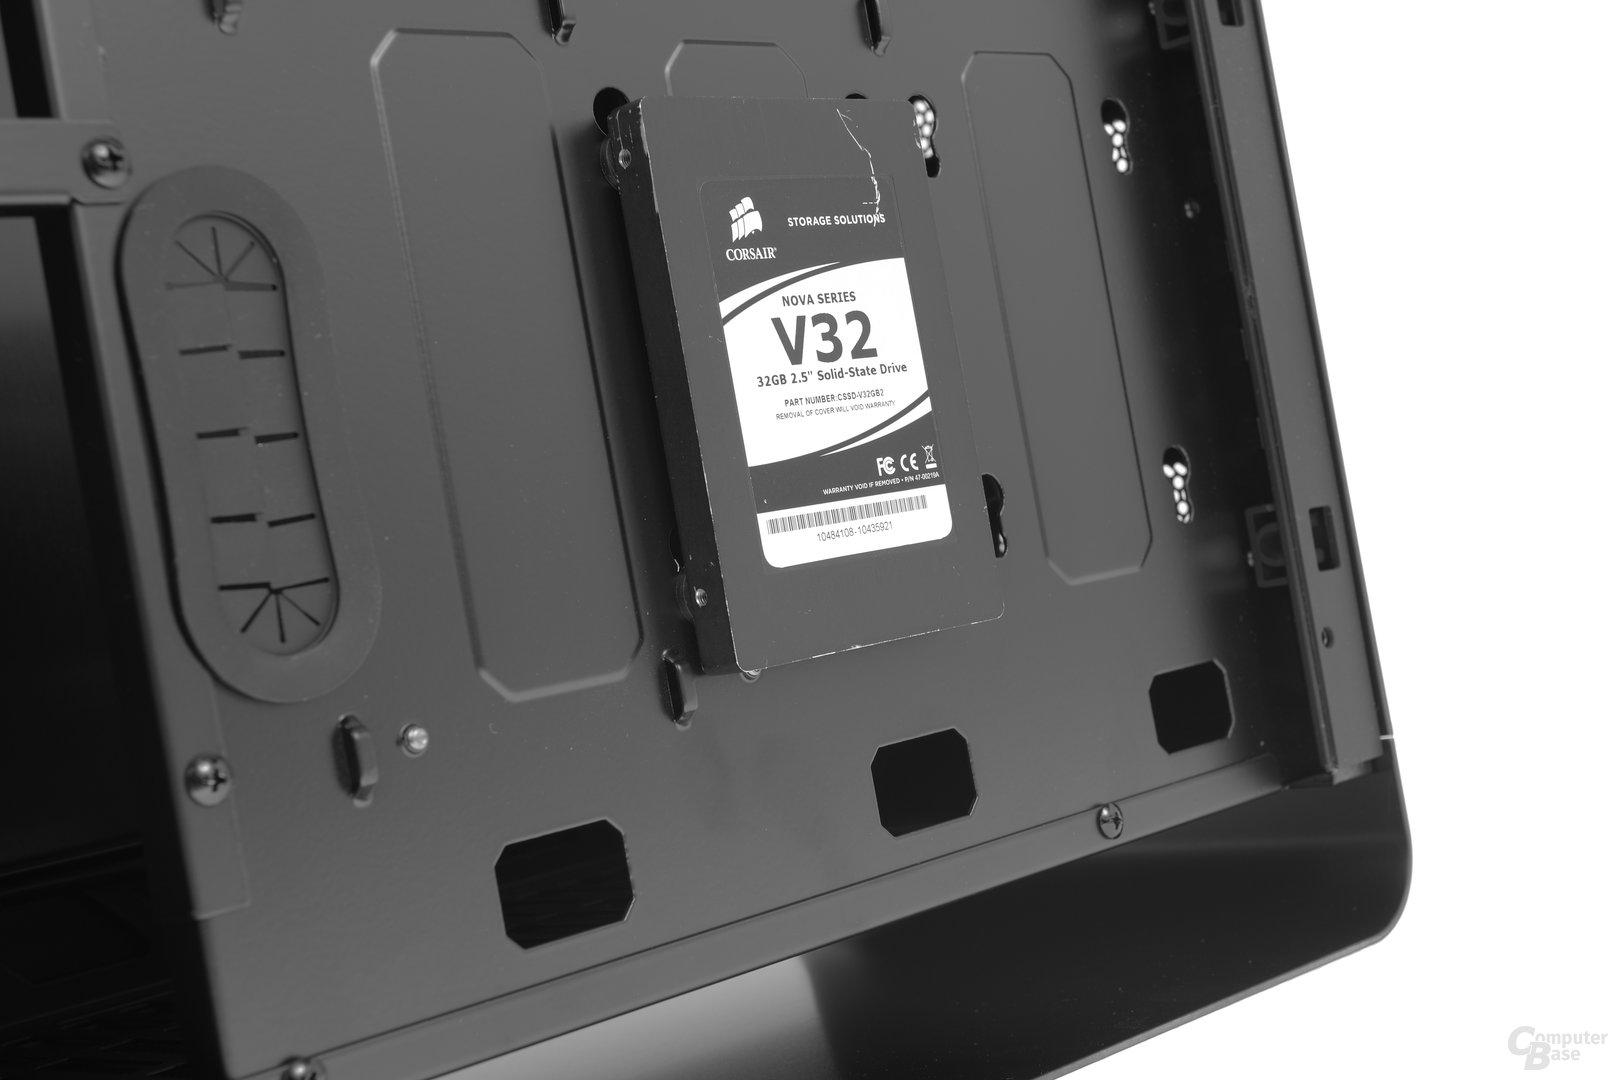 Jonsbo UMX4 – Festplattenaufgängung am Mainboardtray